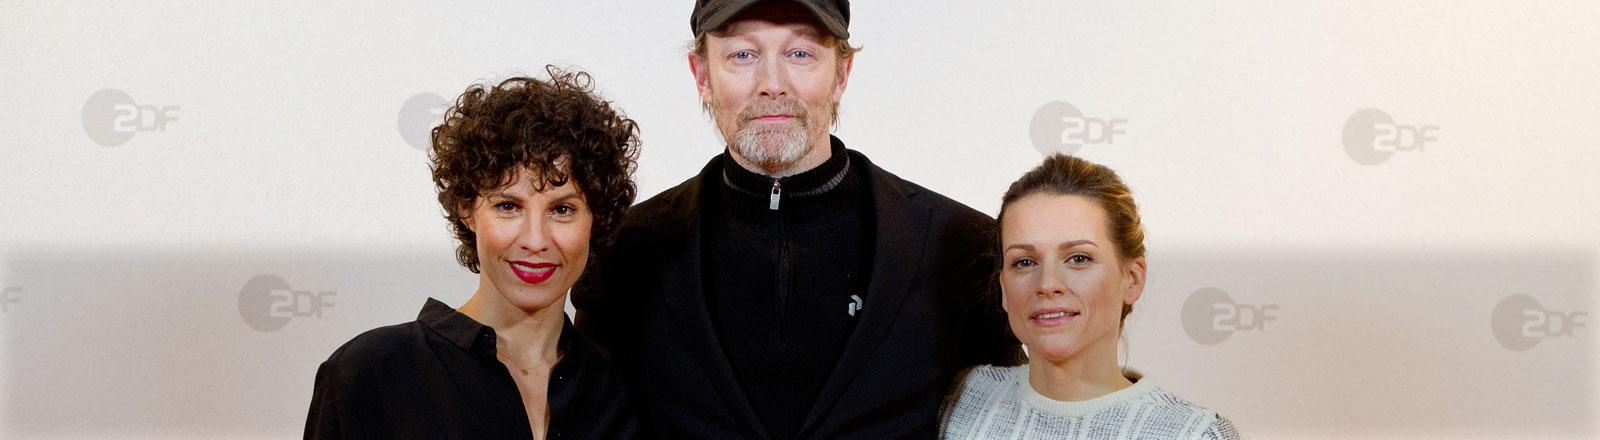 """Die Schauspieler Jasmin Gerat (l-r) als Jackie, Lars Mikkelsen als Harald und Veerle Baetens als Alicia Verbeek posieren am 21.01.2015 in Hamburg bei einem Fototermin zur ZDF-Krimireihe """"The Team""""."""